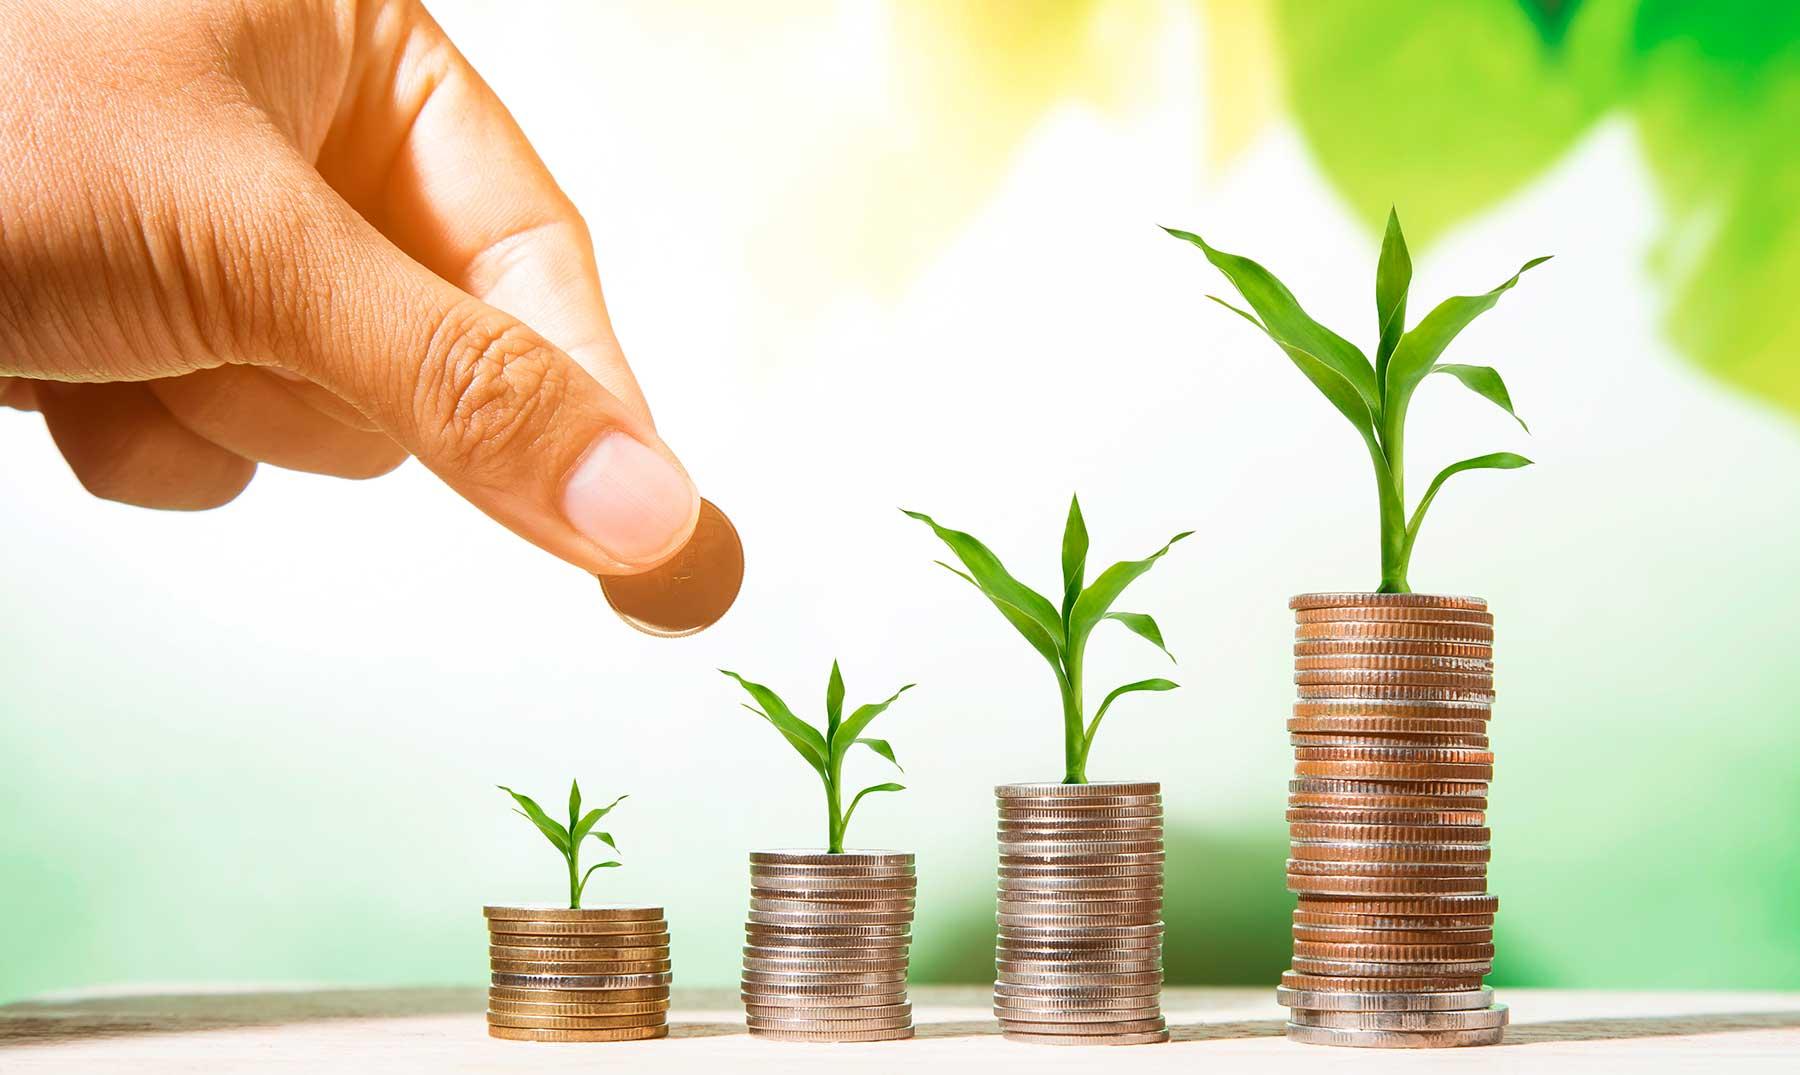 Inversiones ecológicas | Por qué son interesantes y cómo debes realizarlas